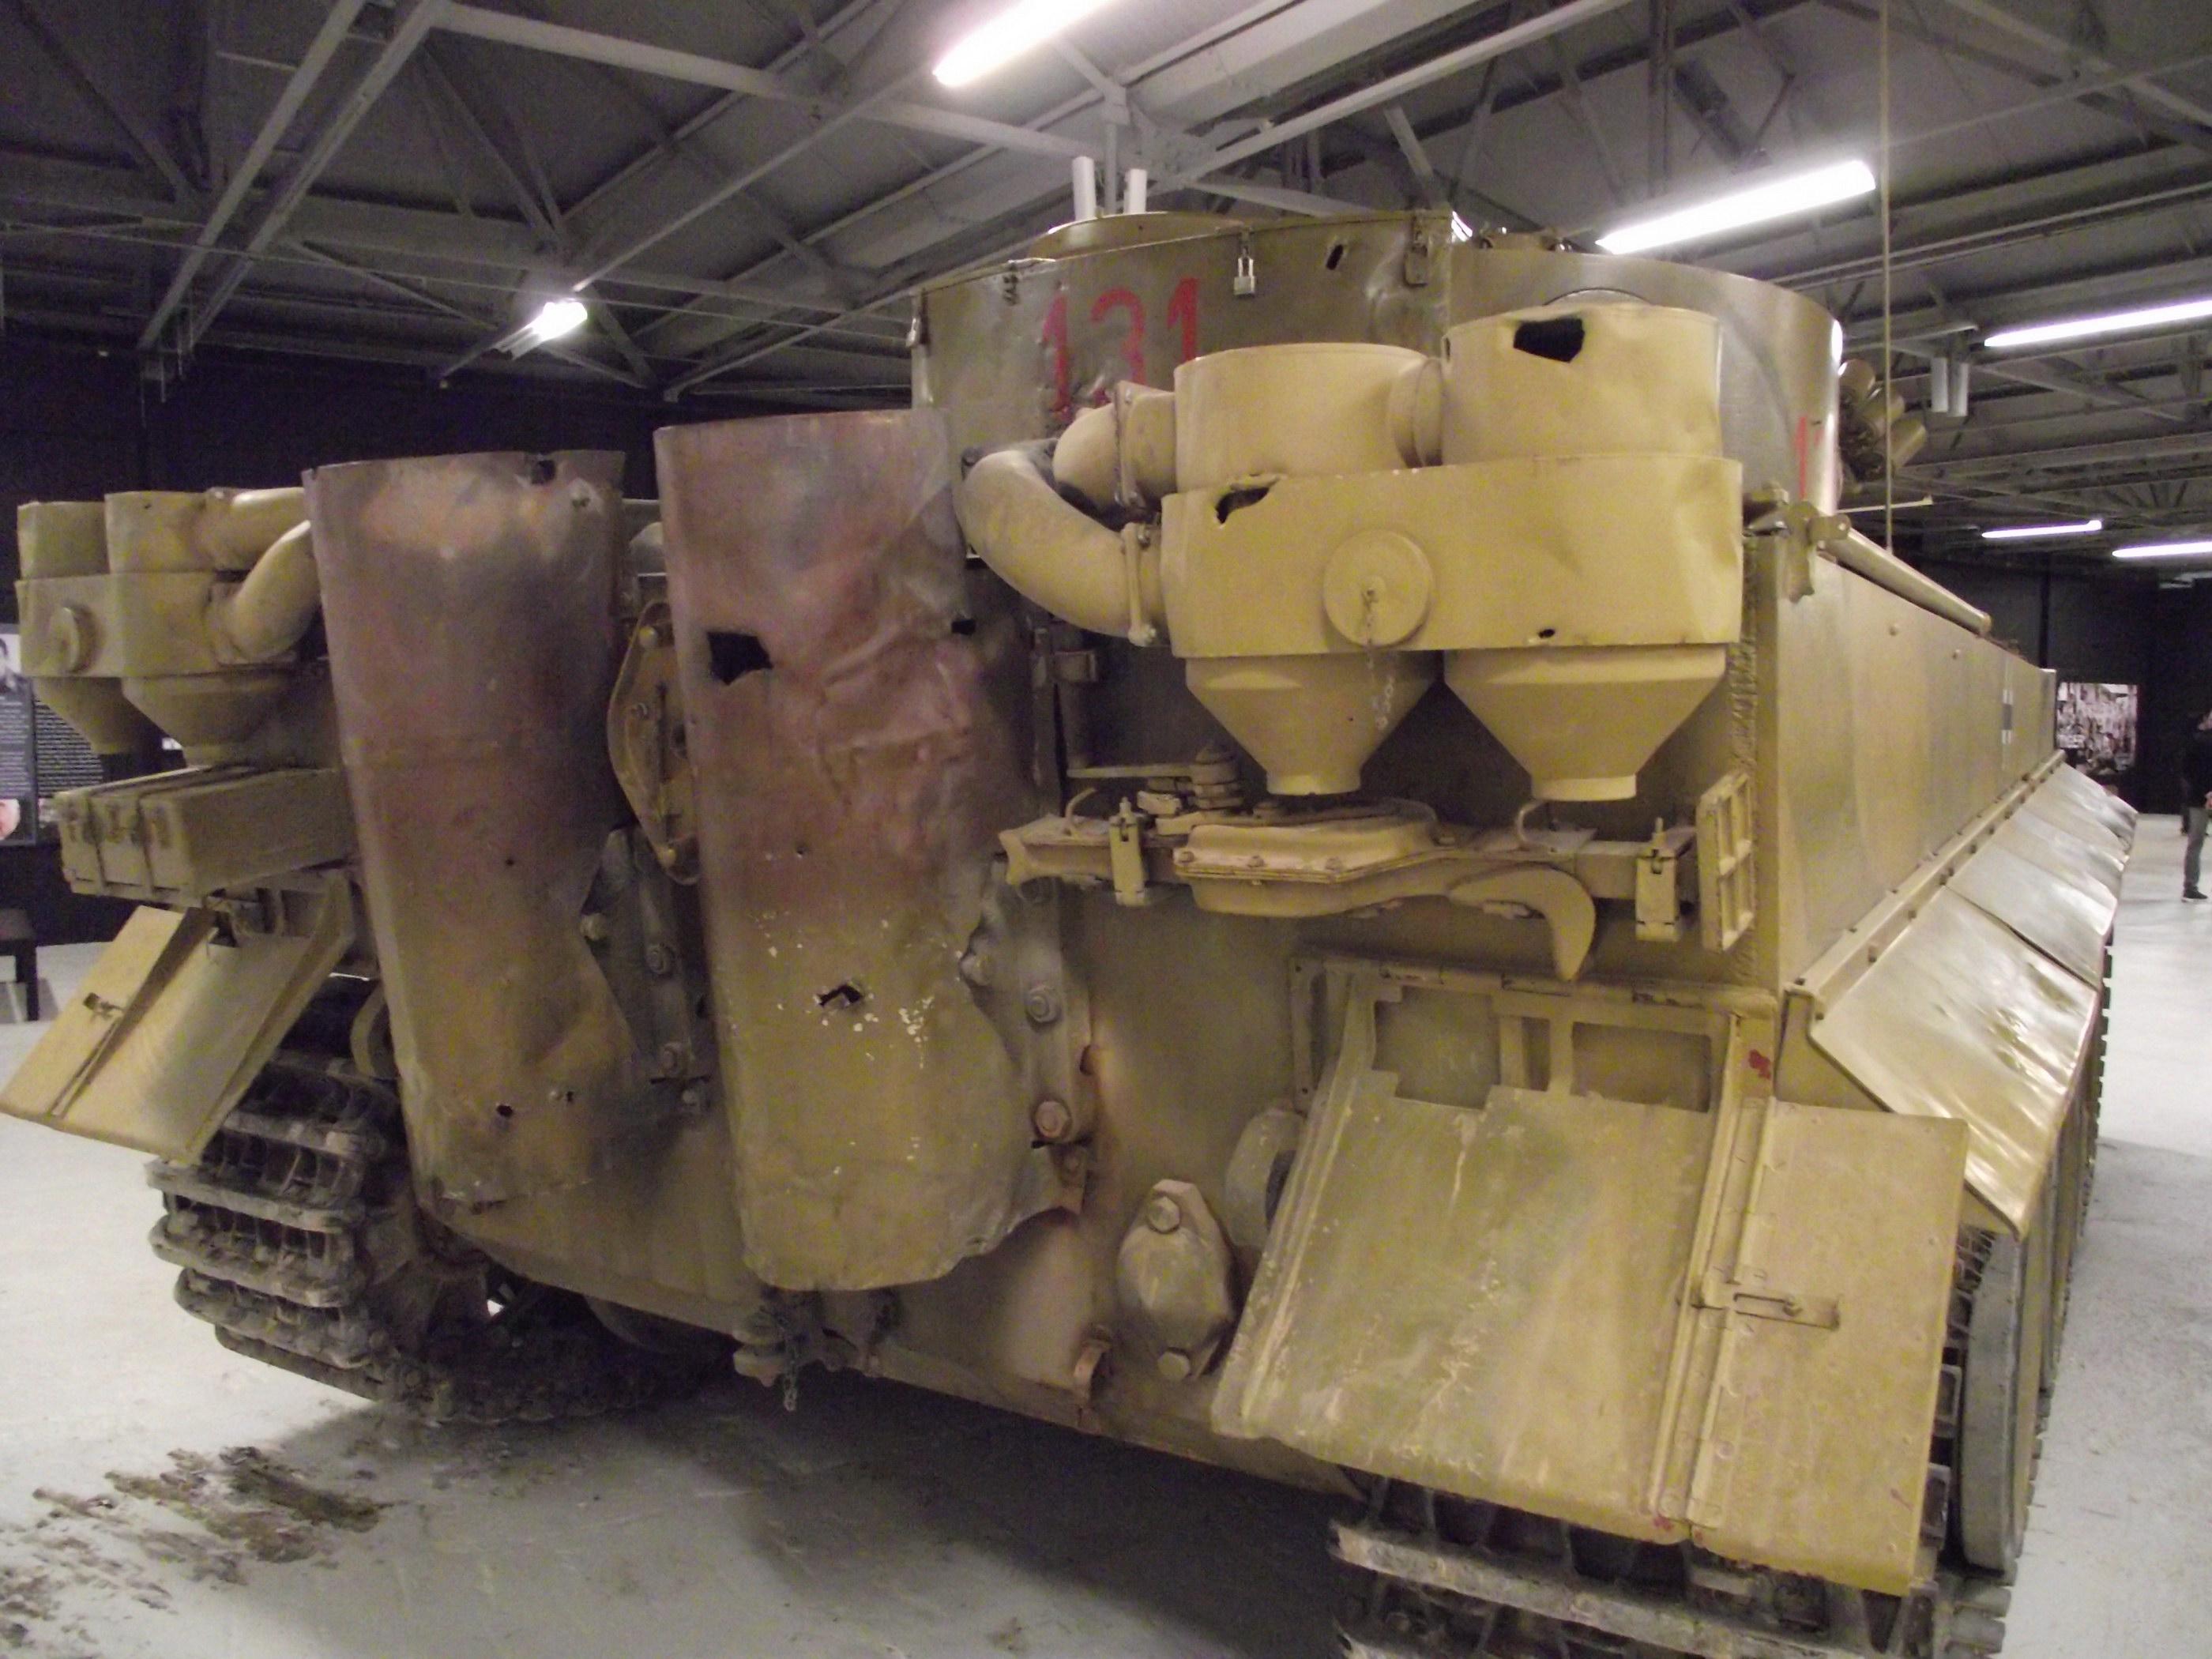 Tank_Museum_20180919_141.jpg